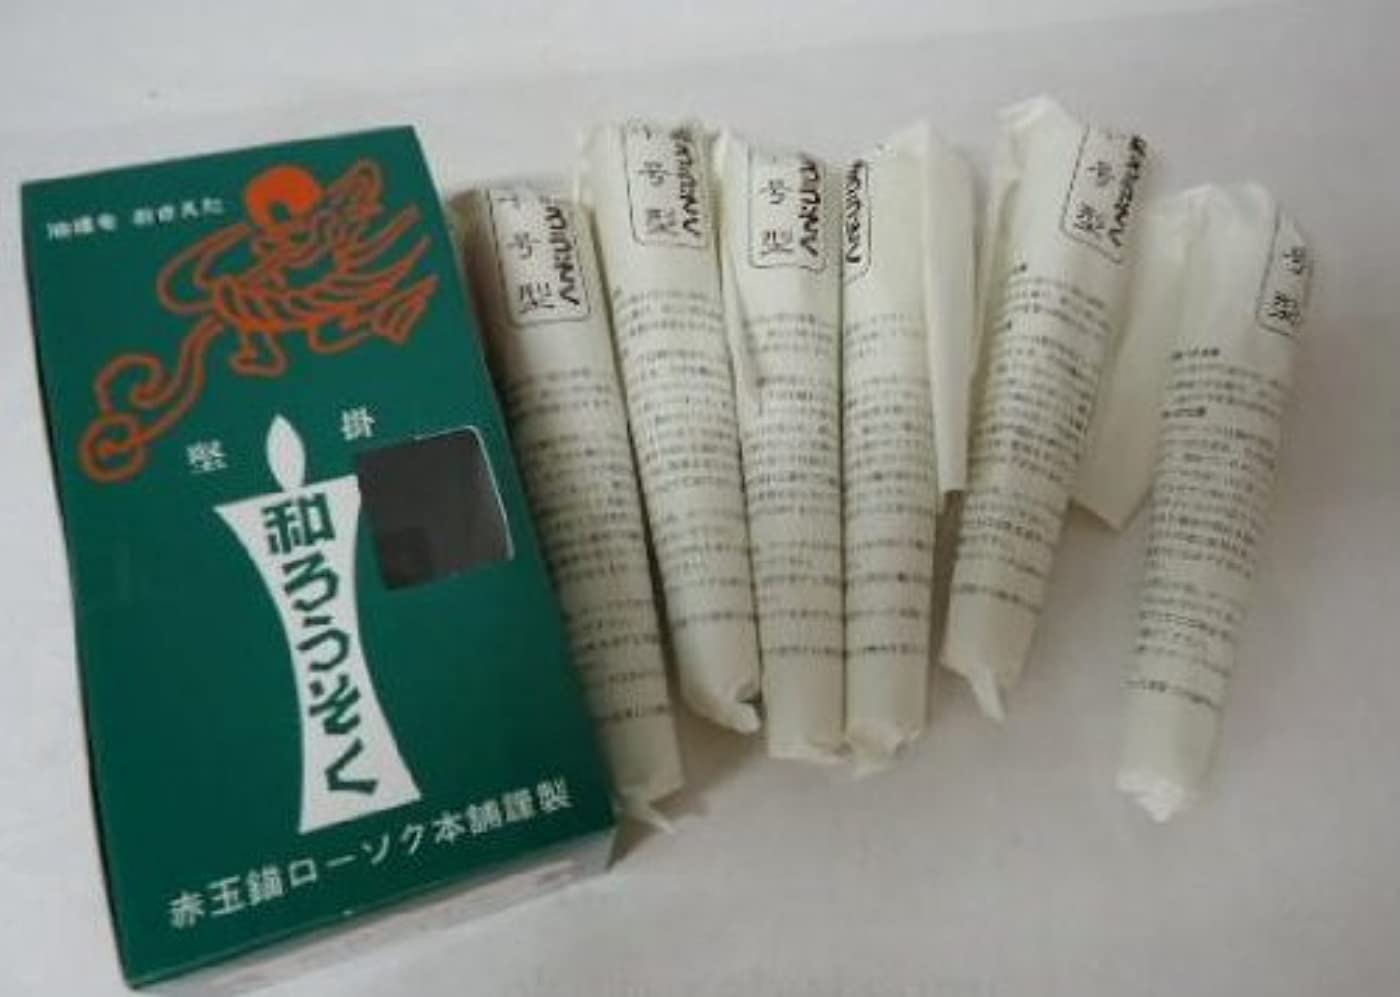 出身地主権者契約和ろうそく 型和蝋燭 ローソク イカリ 10号 白 6本入り 約15.5センチ 約3時間20分燃焼